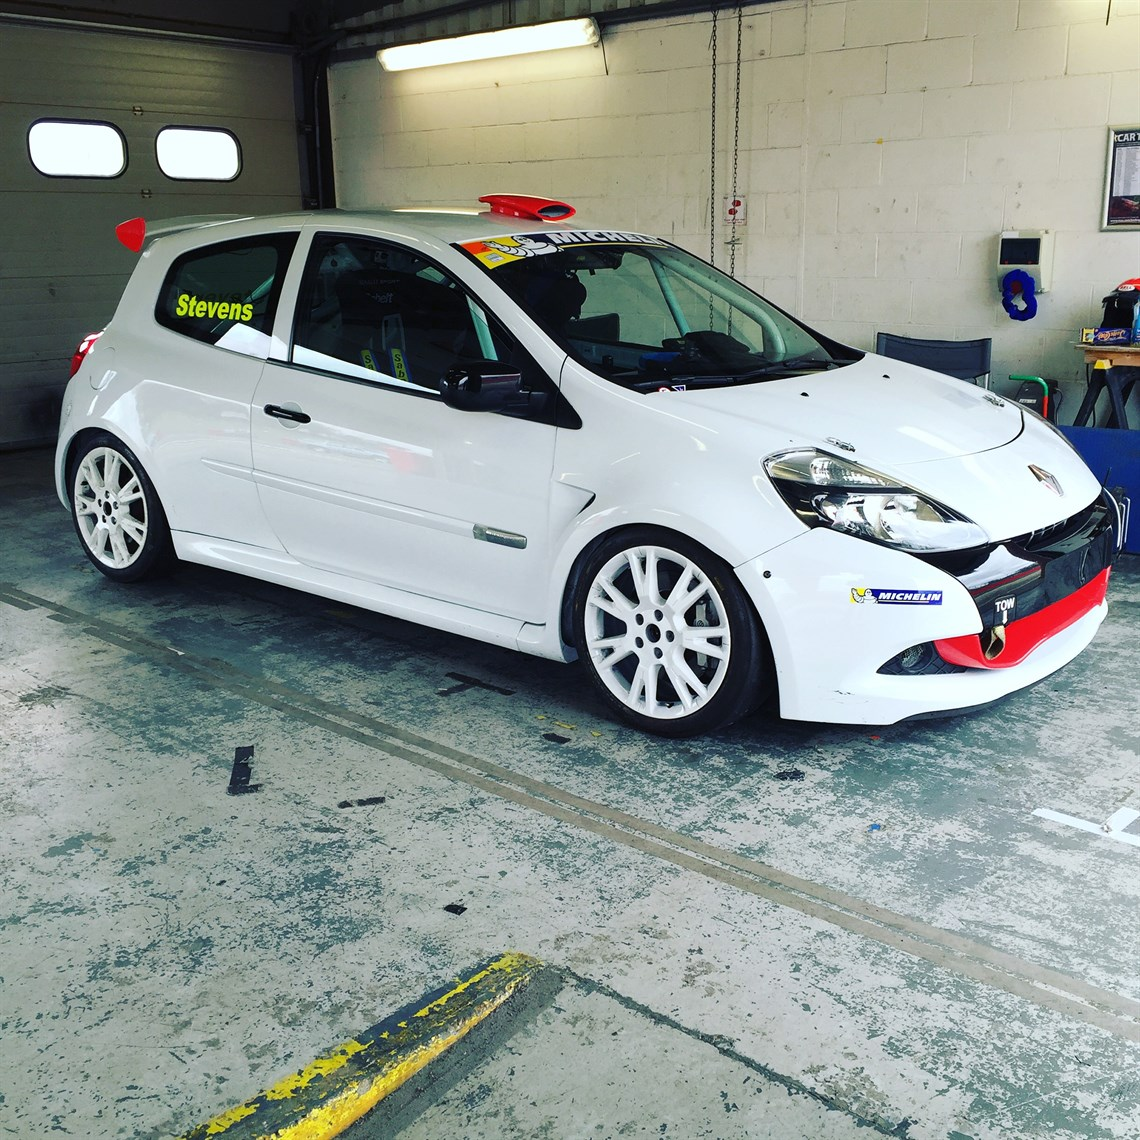 Renault Race Car: Renault Clio Cup X85 Race Car